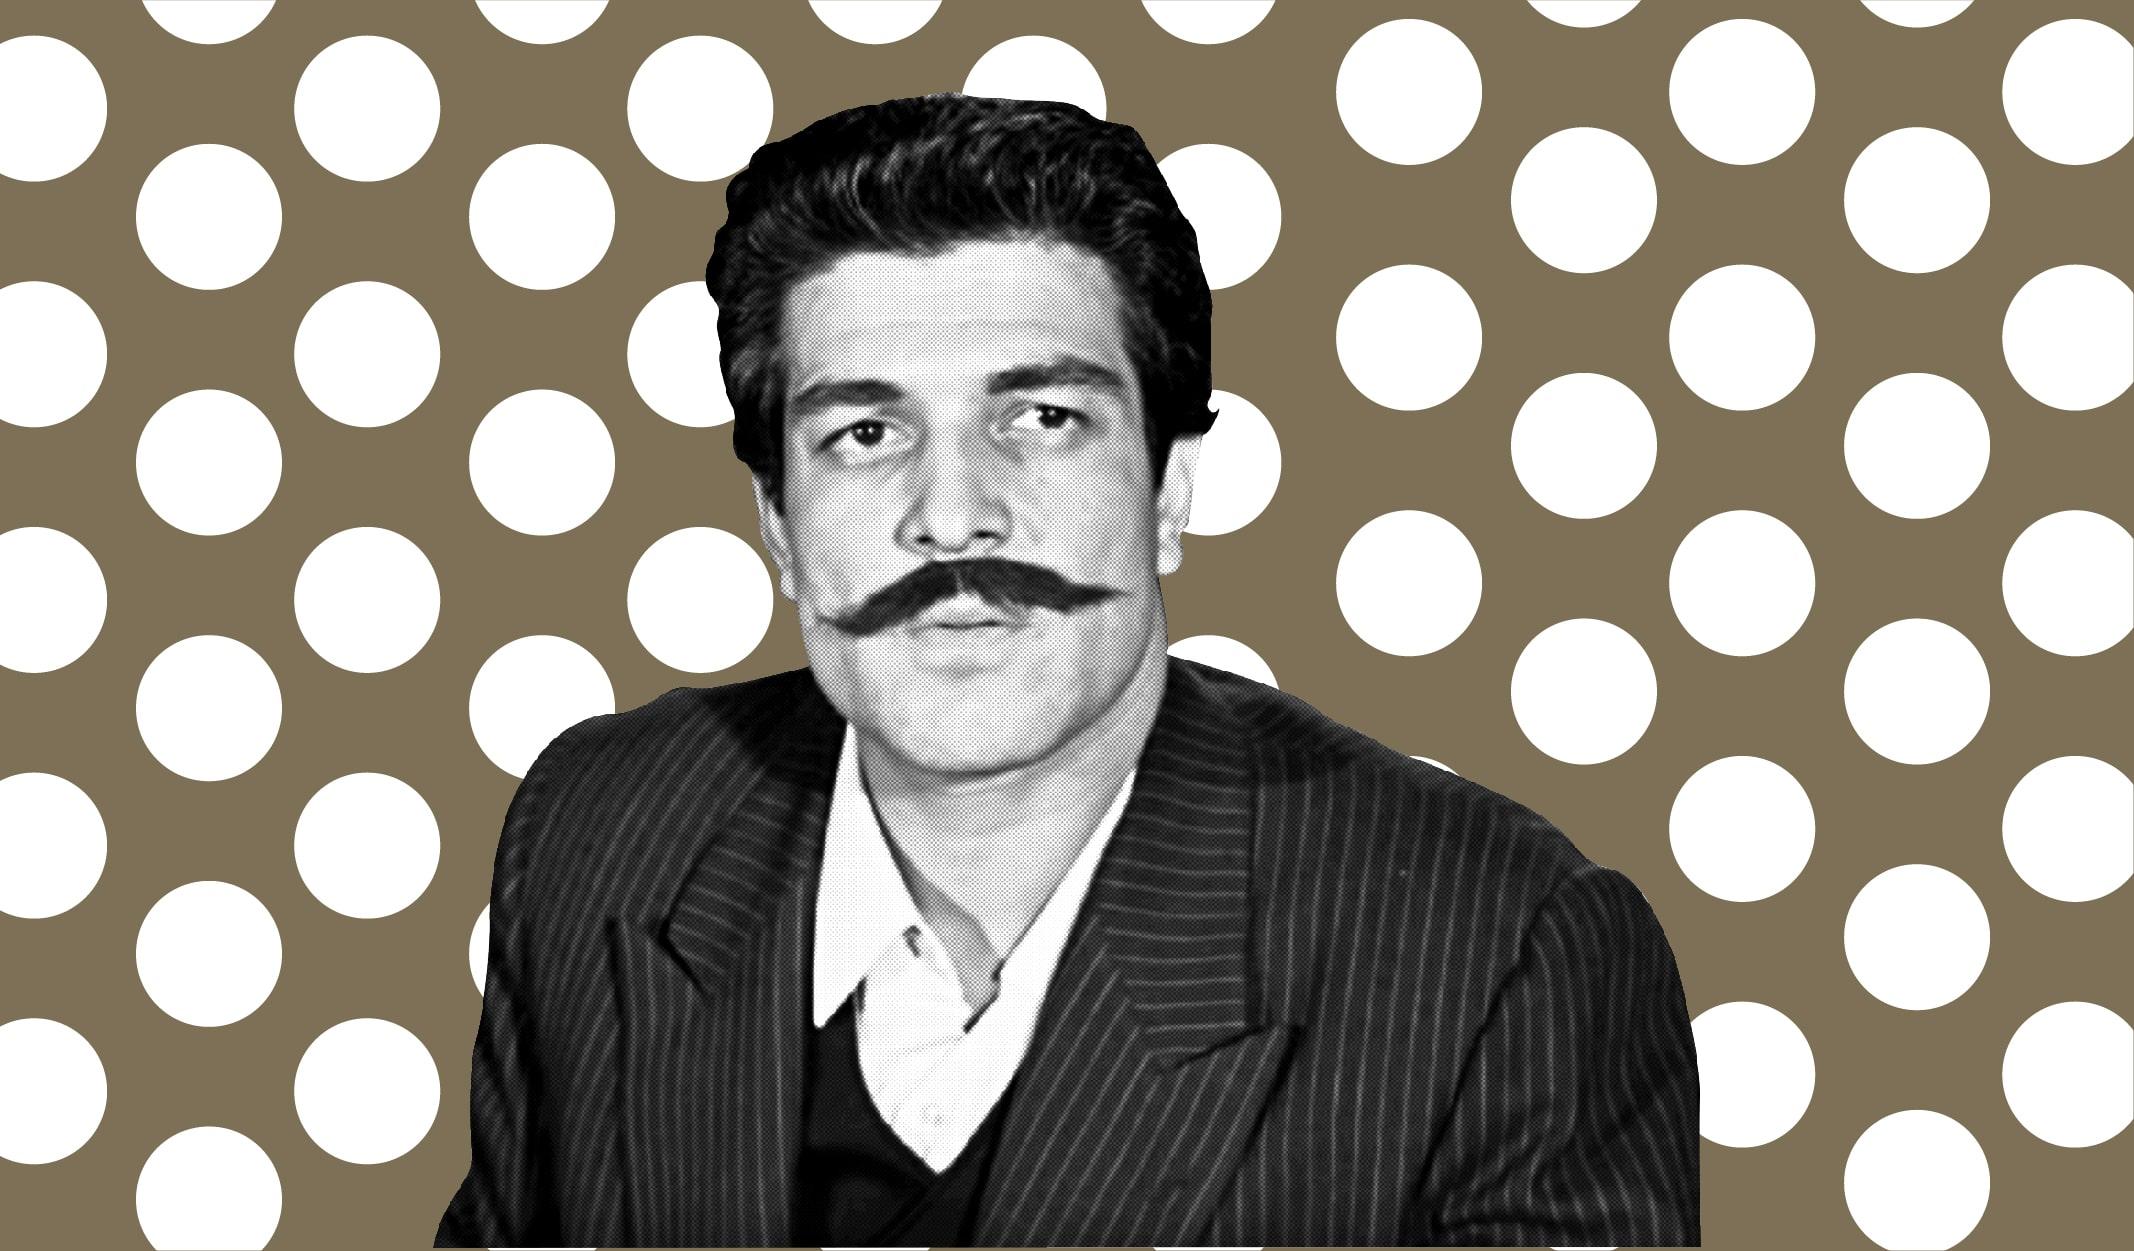 türk sineması, ömer lütfi akad